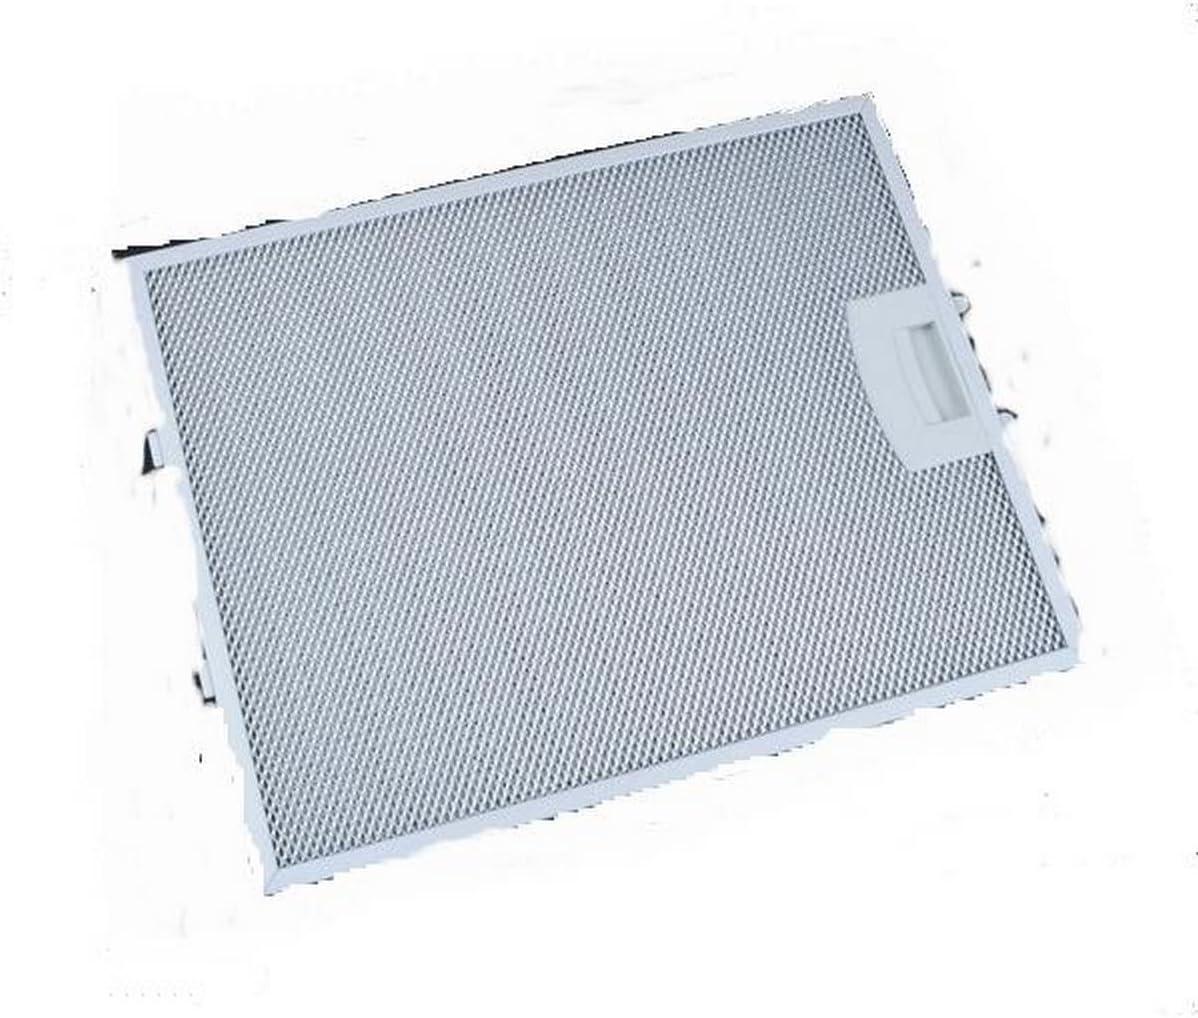 Bosch–Filtro de grasa metálico de 330x 320 x 8 mm. Referencia: 00362381.